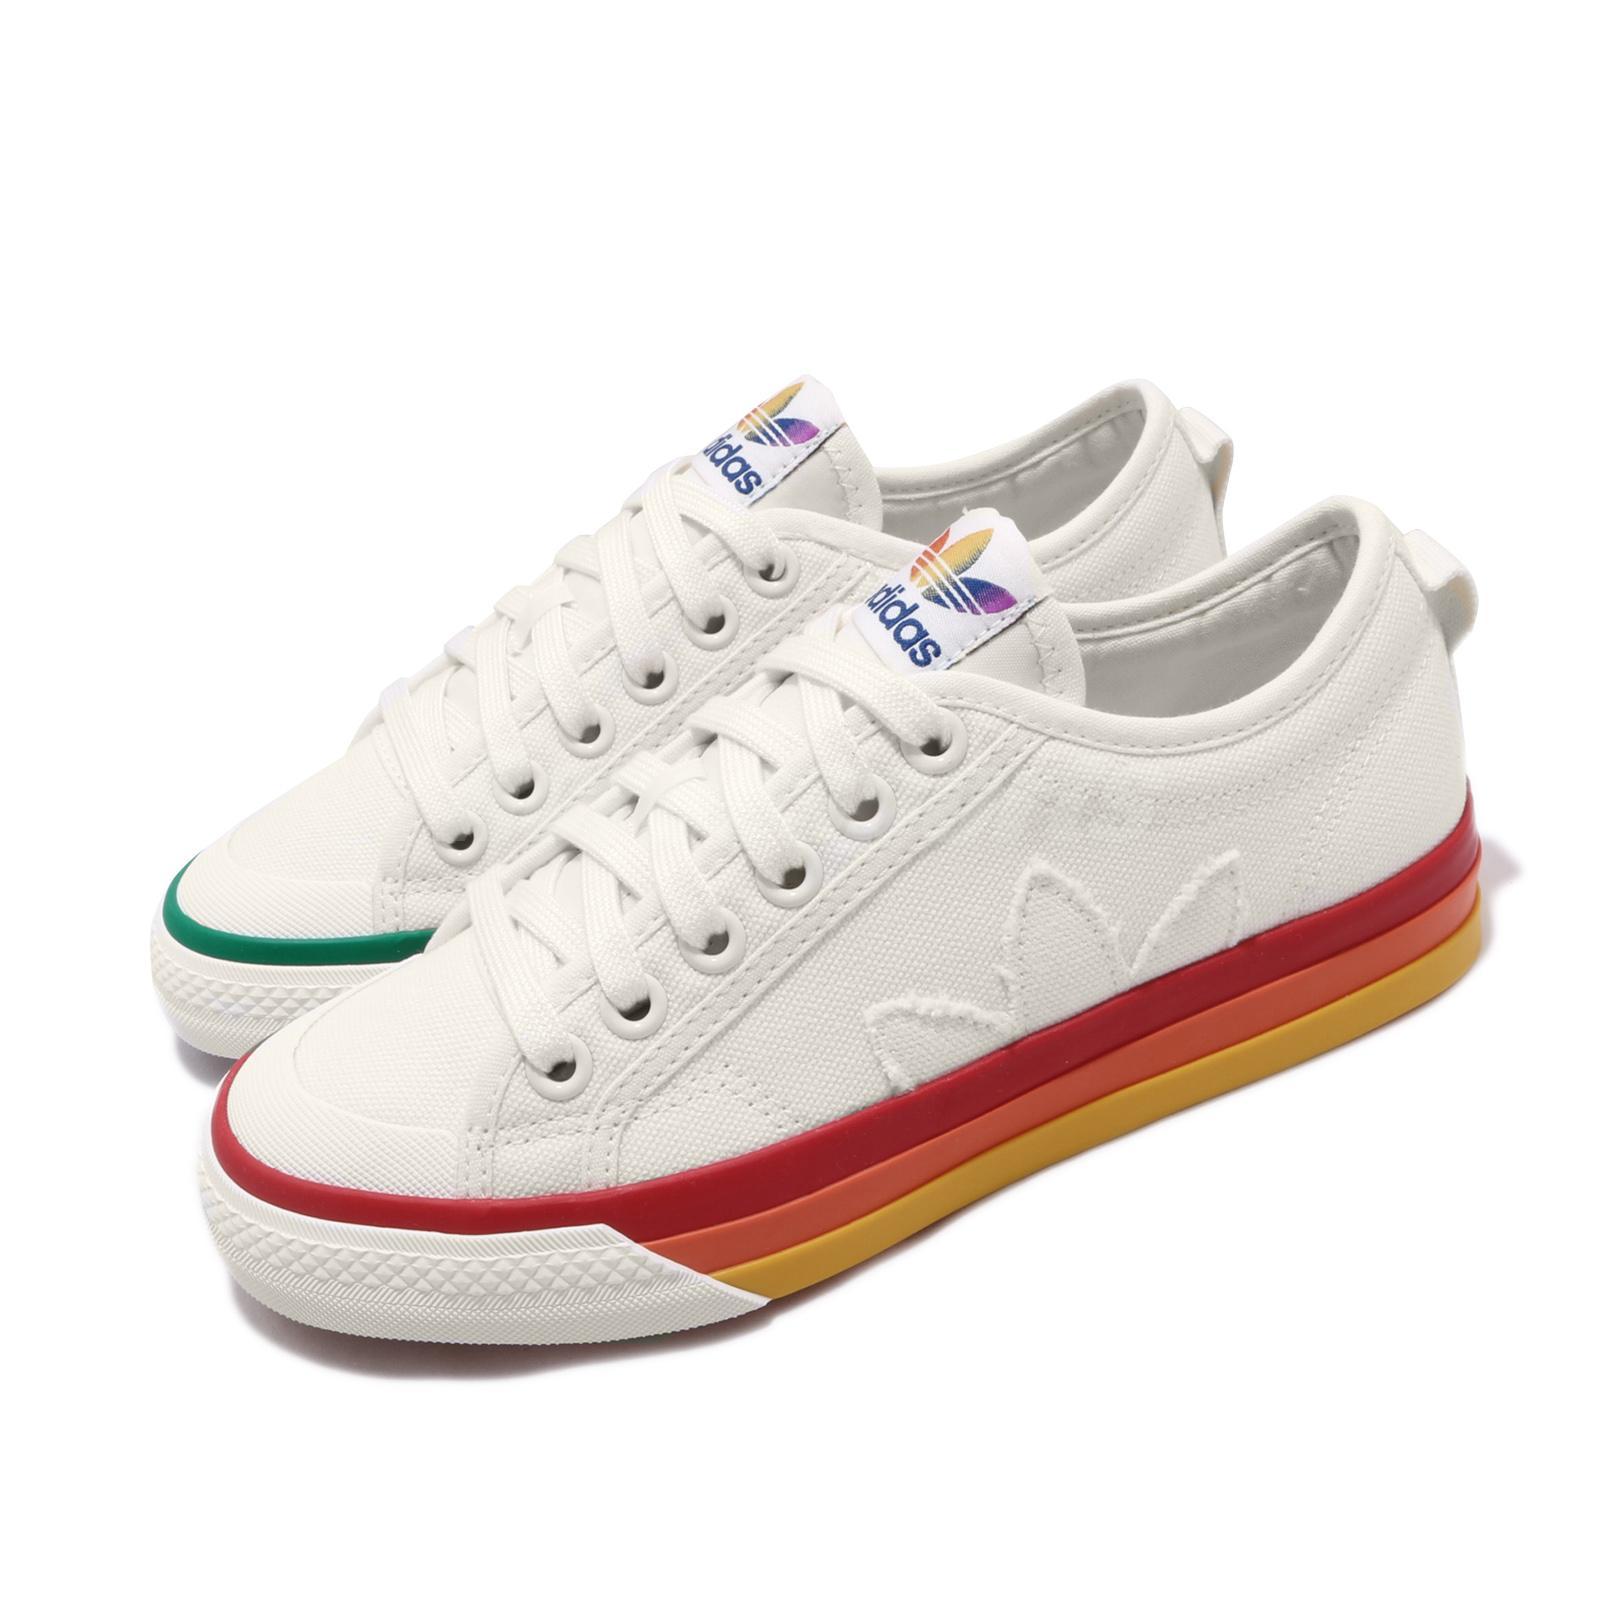 Details about adidas Originals Nizza Pride LGBTQ Rainbow Off White Men  Women Unisex EF2319